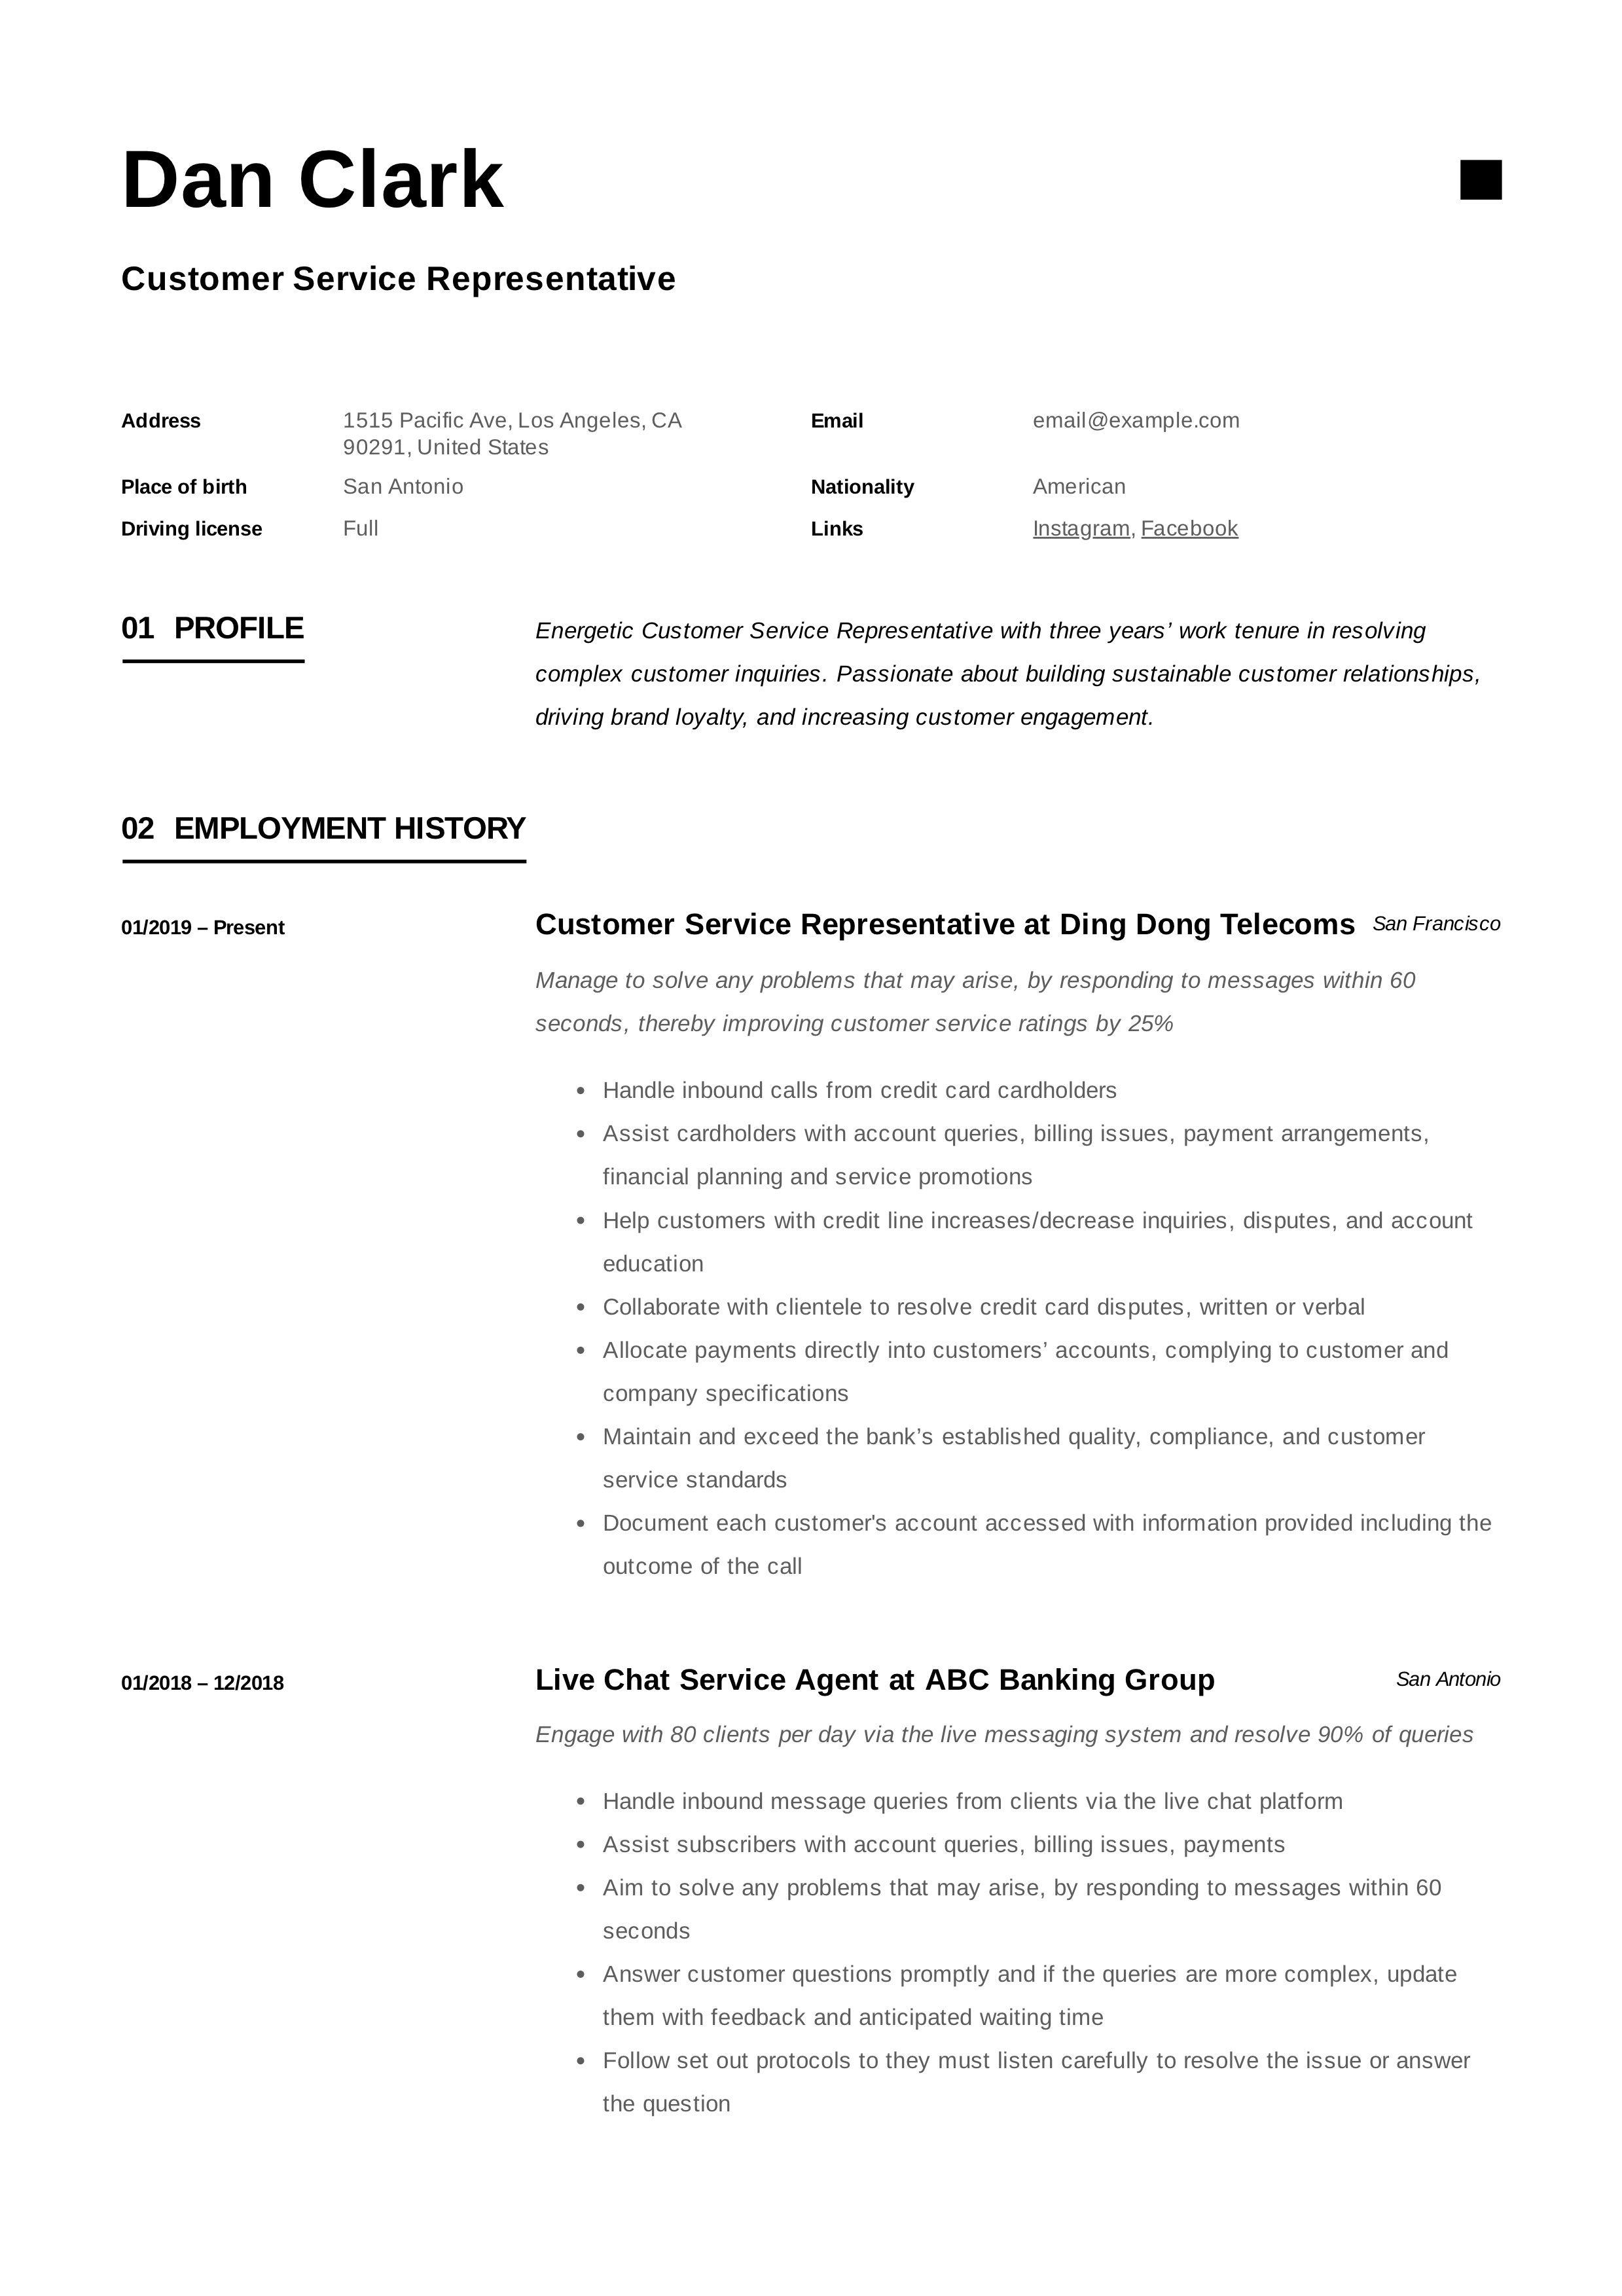 Customer Service Representative Resume in 2020 Resume